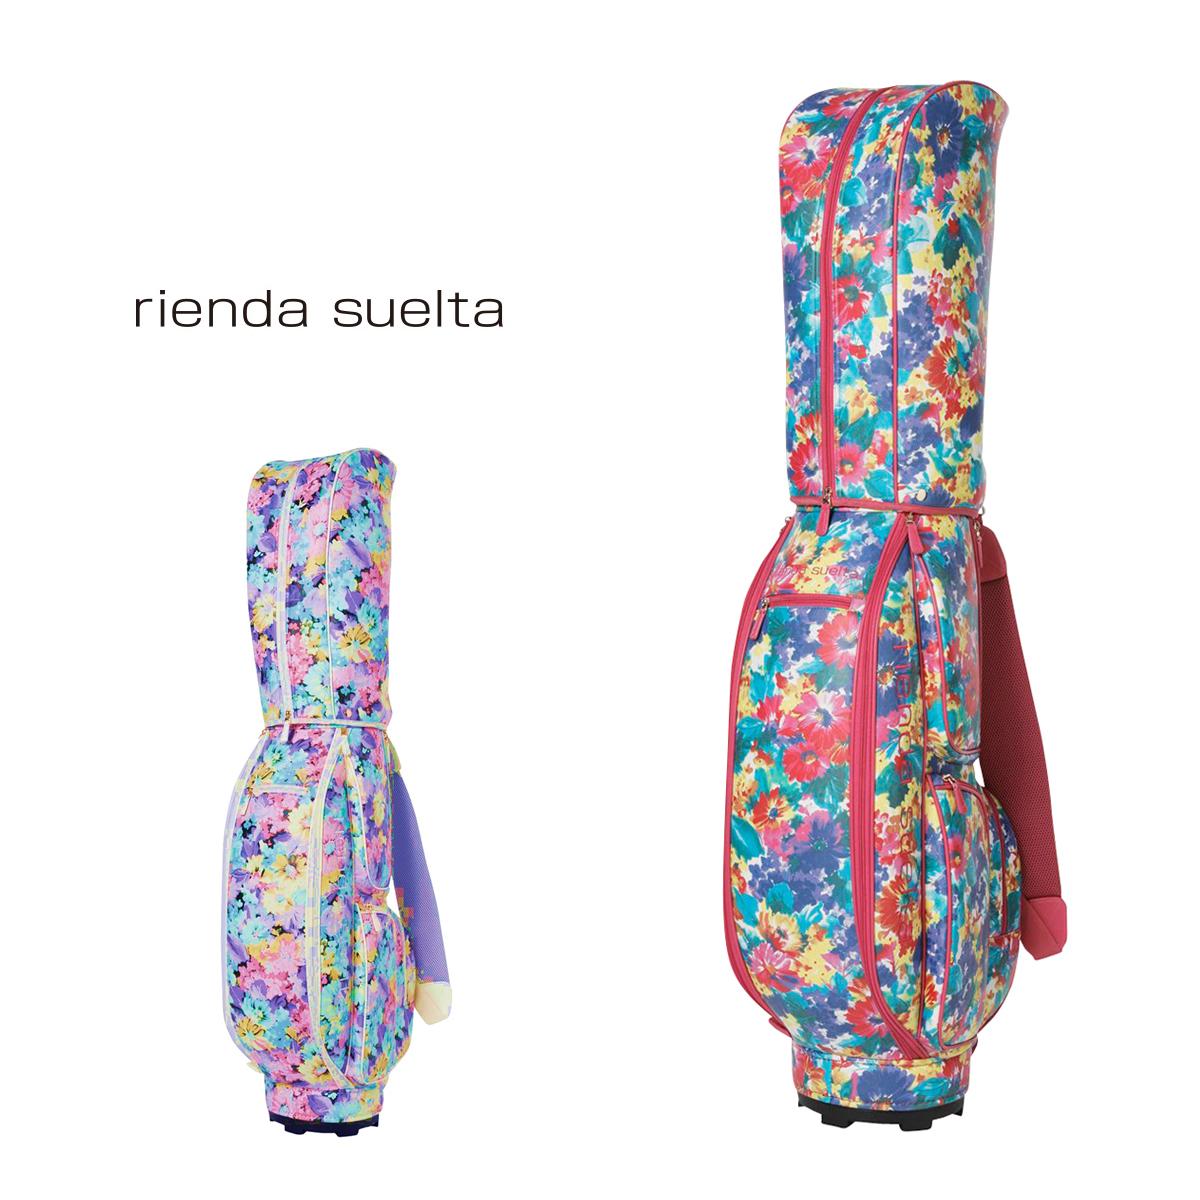 リエンダ スエルタ rienda suelta キャディーバッグ RS-01010021 SPRING FLOWER 1 【 ゴルフキャディーバッグ レディース 合成皮革 】[PO5][bef]